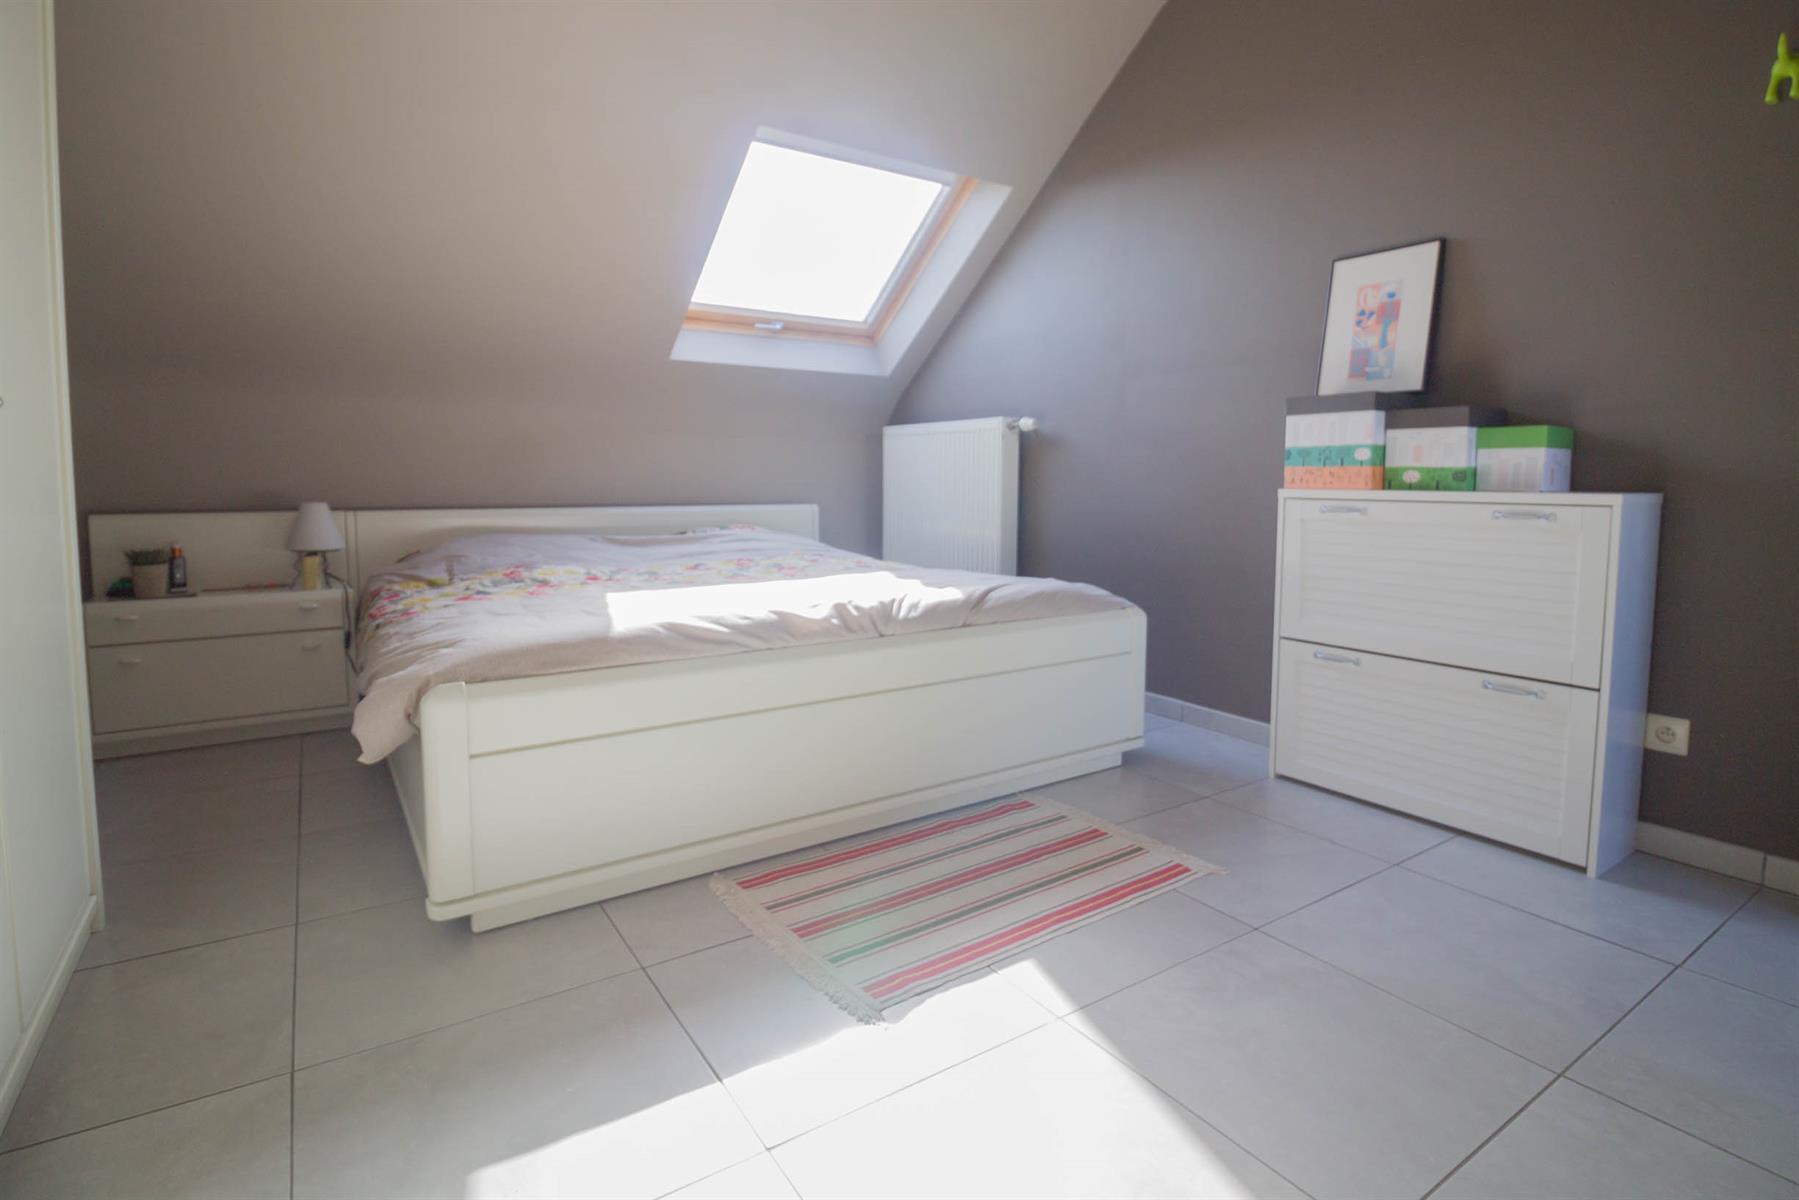 Duplex - La Louvière - #4367173-20